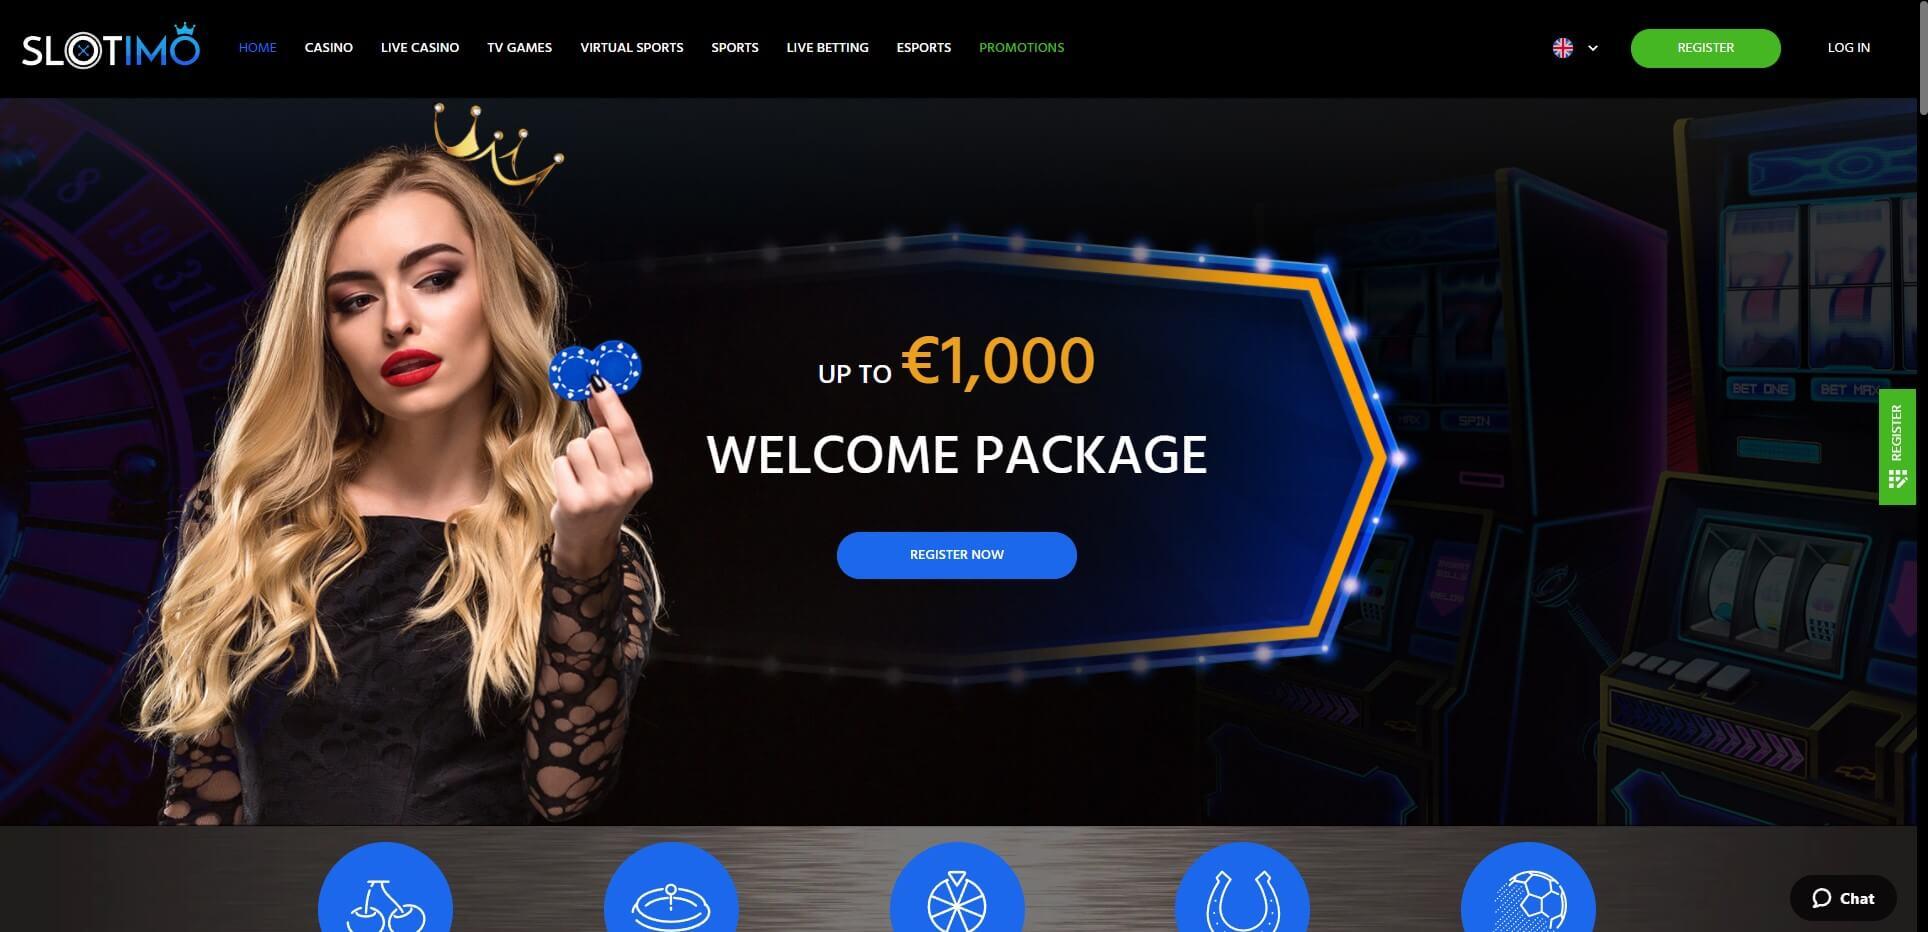 Slotimo.com - Website Review